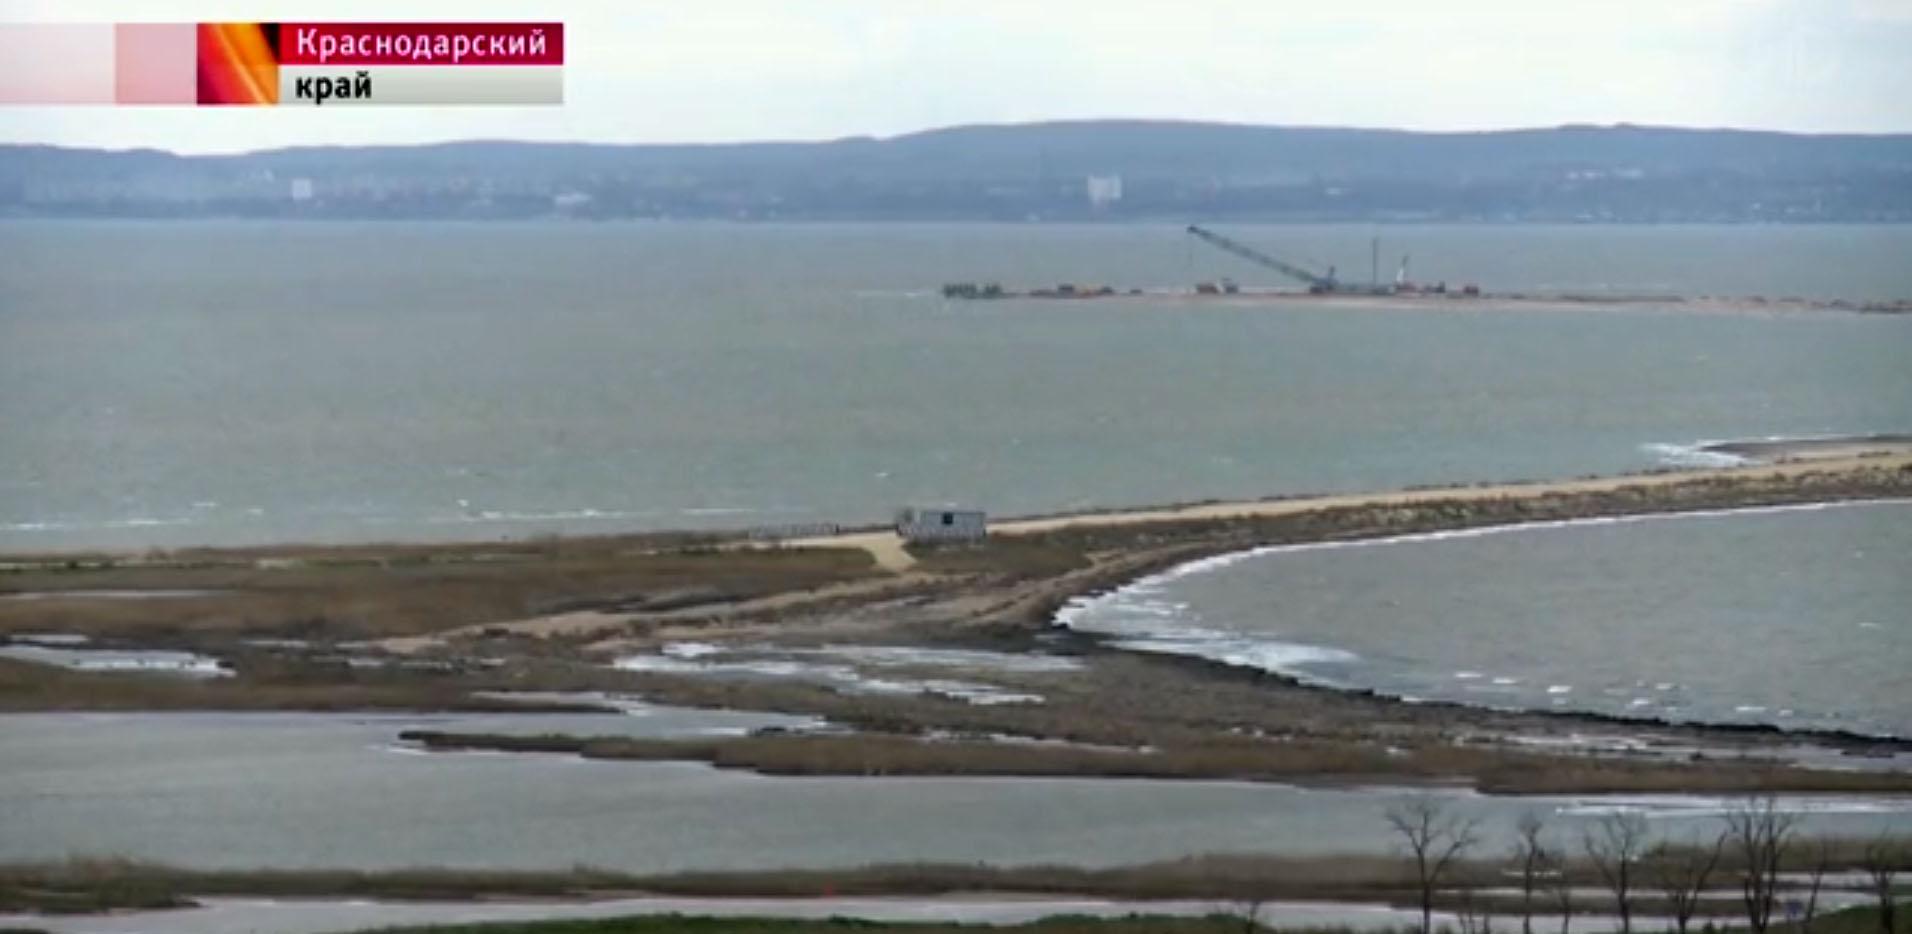 Подготовка к строительству керченского моста